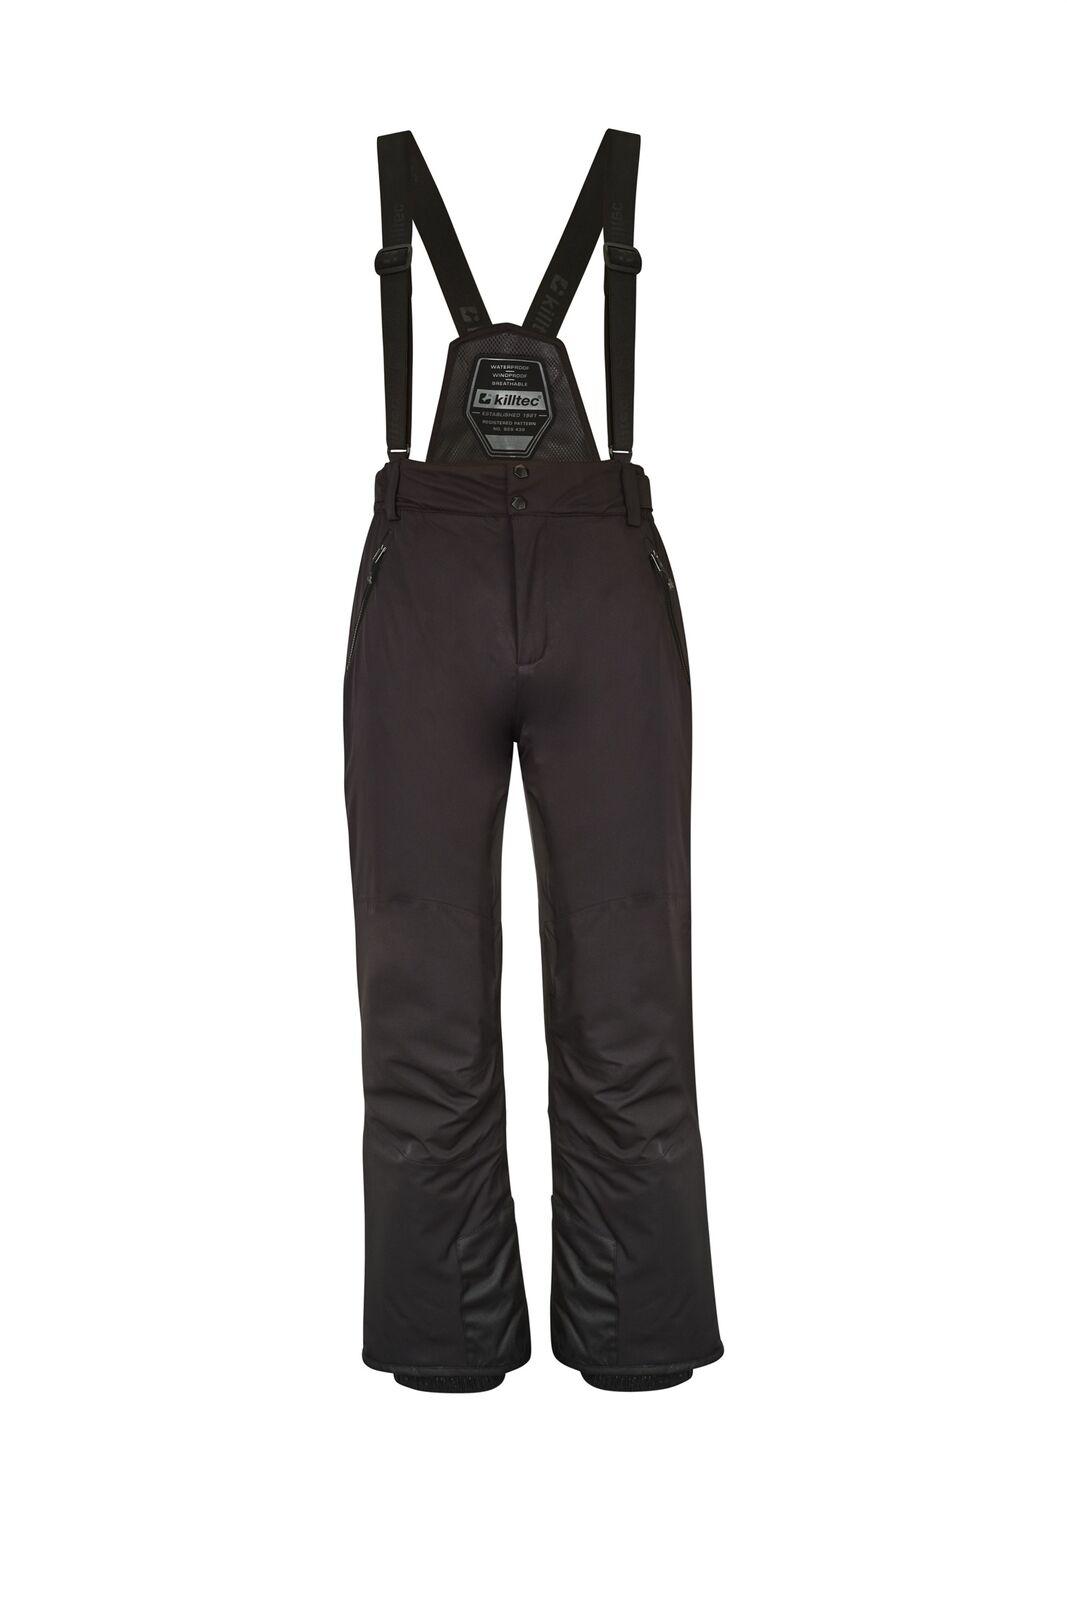 Killtec Pantalones de Esqu555533def; de Hombre Dimao